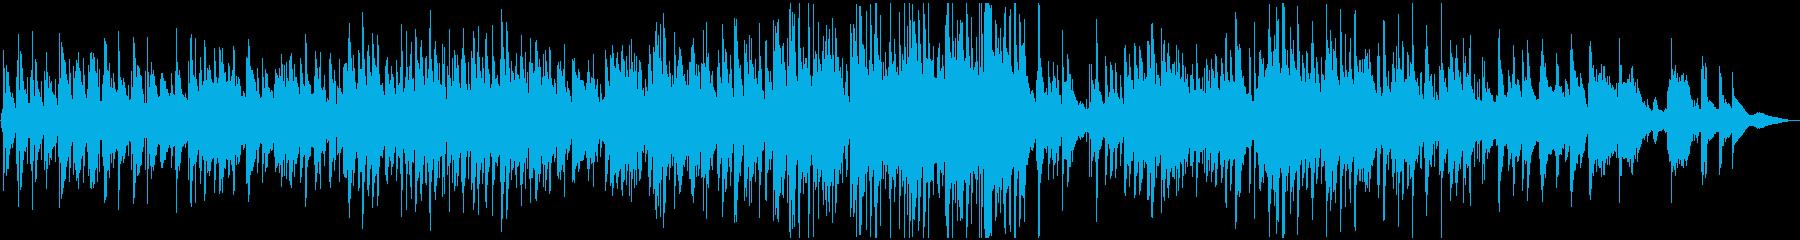 童謡『琵琶湖周航の歌』のジャズワルツの再生済みの波形